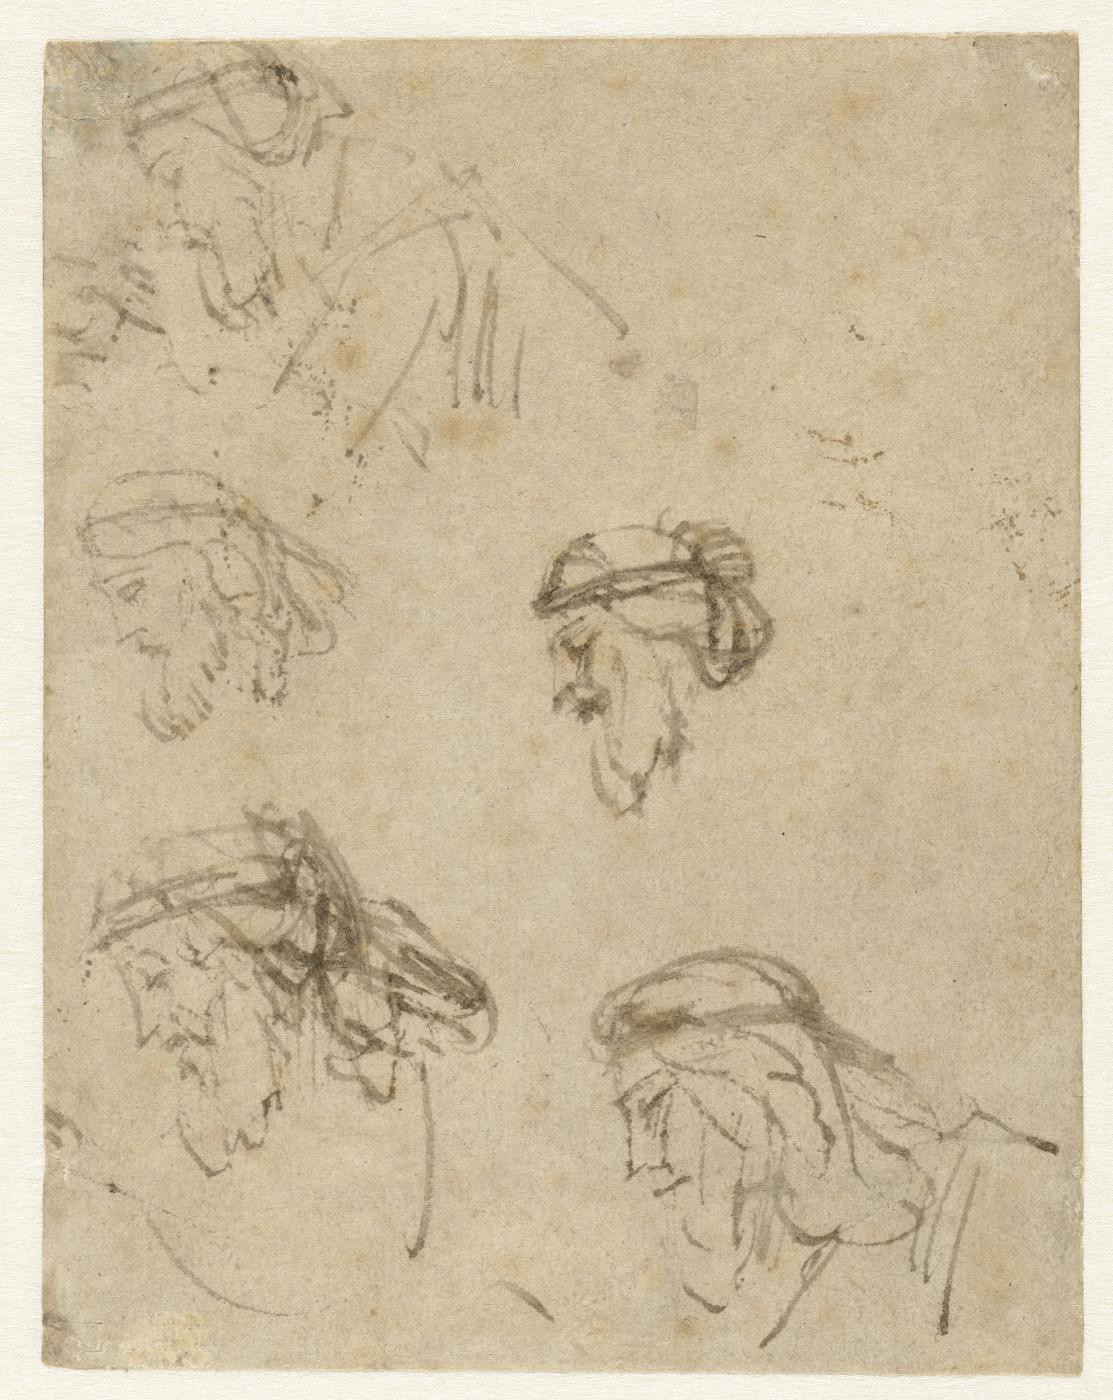 Rembrandt Harmenszoon van Rijn. Five Studies of Haman's Head in Profile